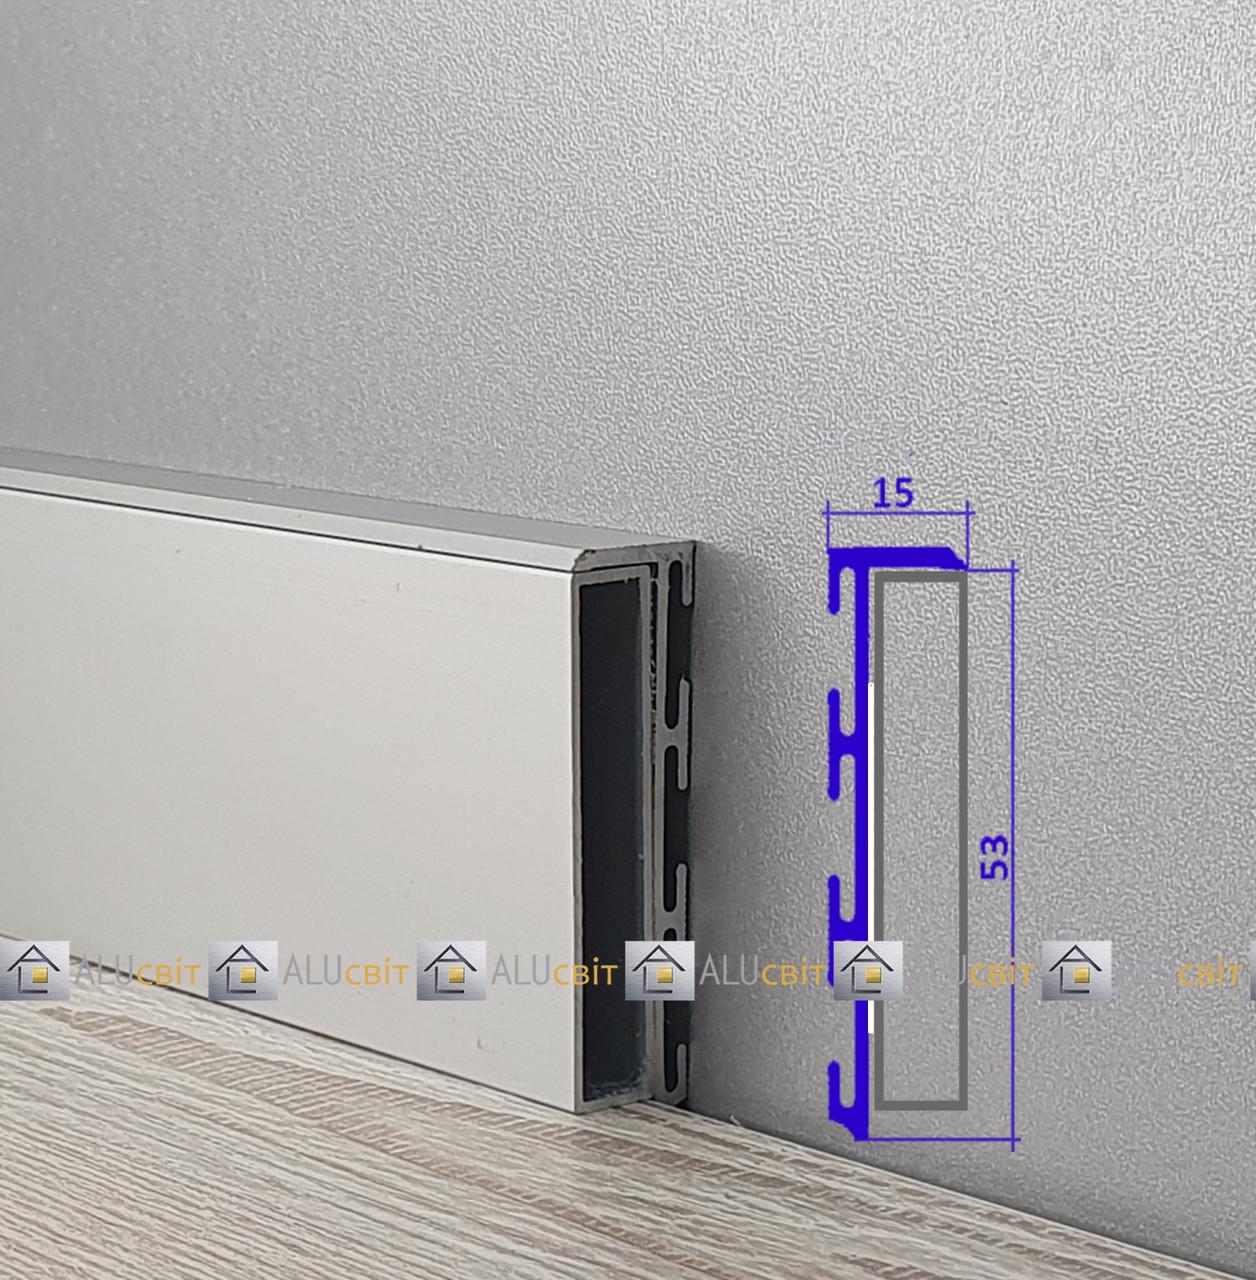 Плинтус  алюминиевый скрытого монтажа 53 мм с алюминиевой вставкой